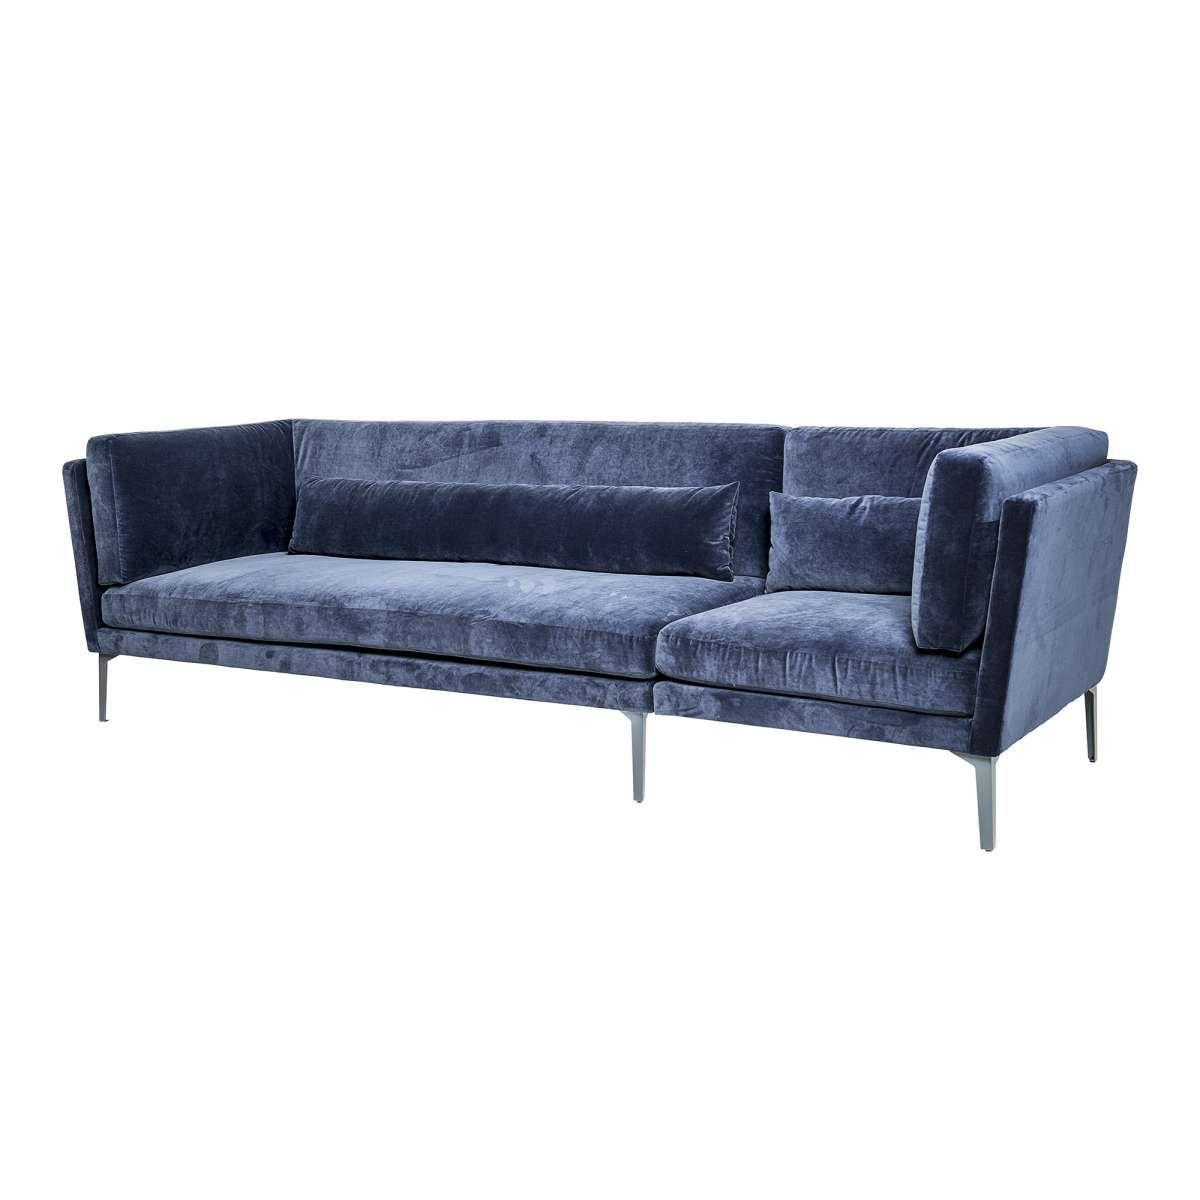 Dieses Sofa Ist Mehr Als Nur Ein Statement In Ihrem Wohnzimmer Der Blaue Extravagante Samtstoff Verleiht Dem Sofa Einen Royalen Touc Samt Sofa Sofa Retro Sofa